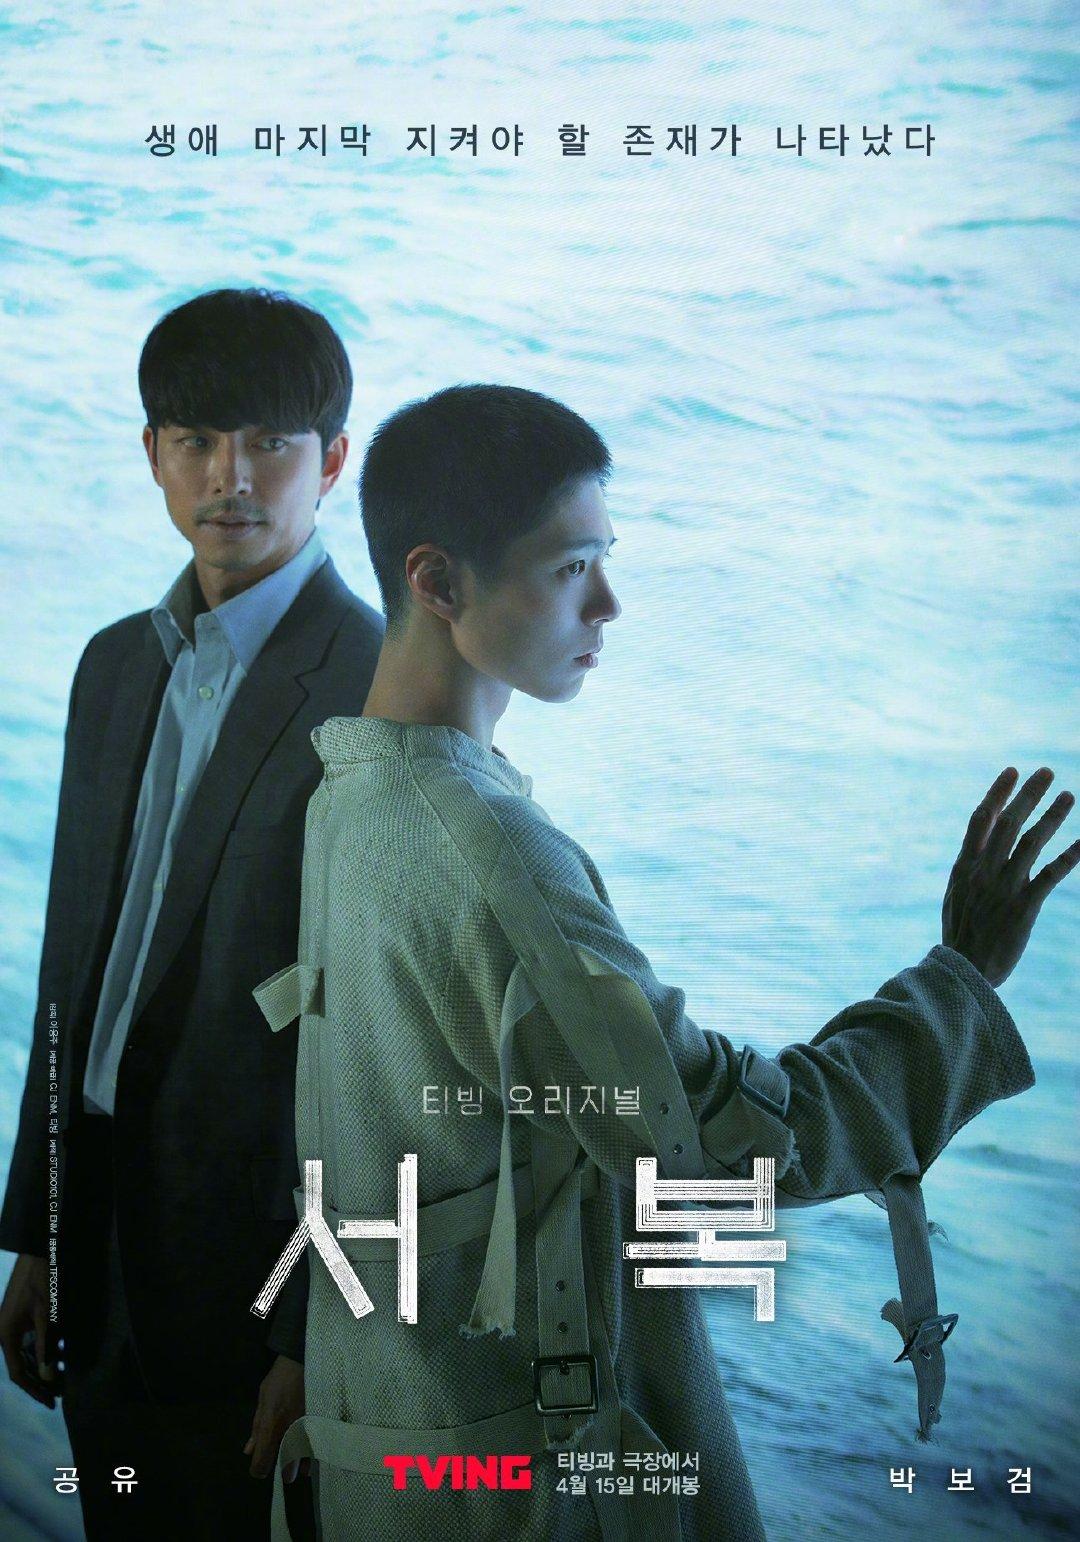 孔刘朴宝剑《徐福》韩国定档,4月15日线上线下同步上映